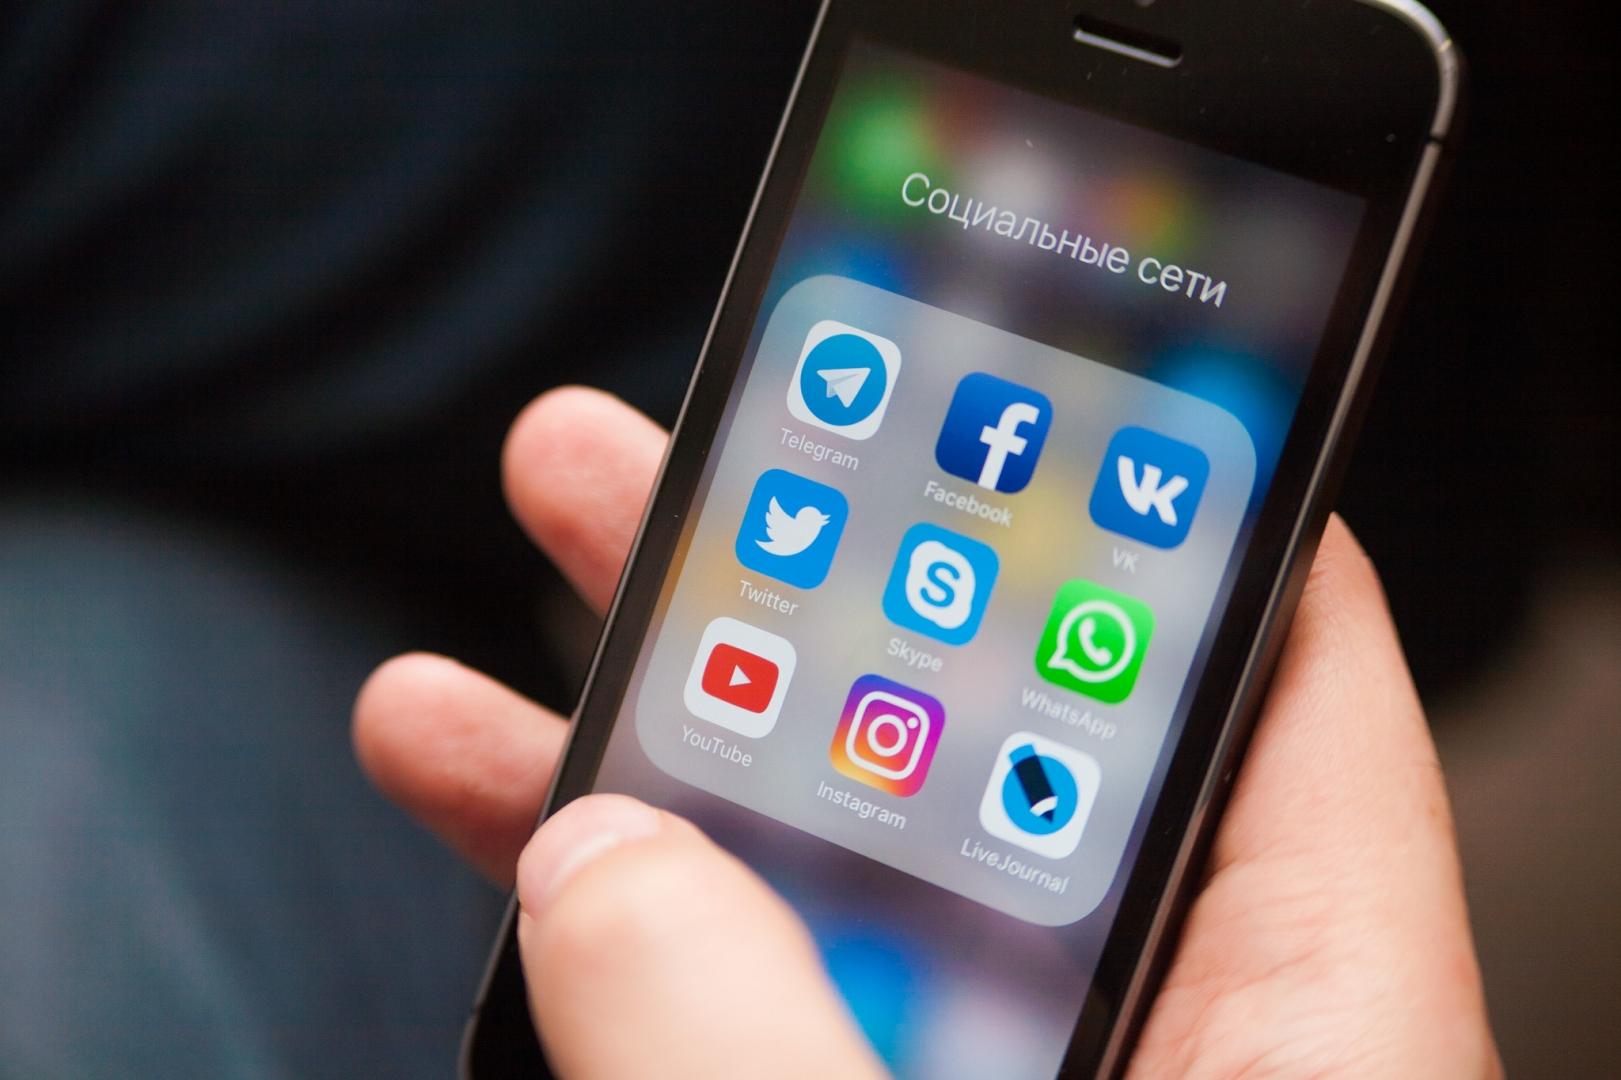 Каждый государственный служащий должен быть активным в социальных сетях - Токаев